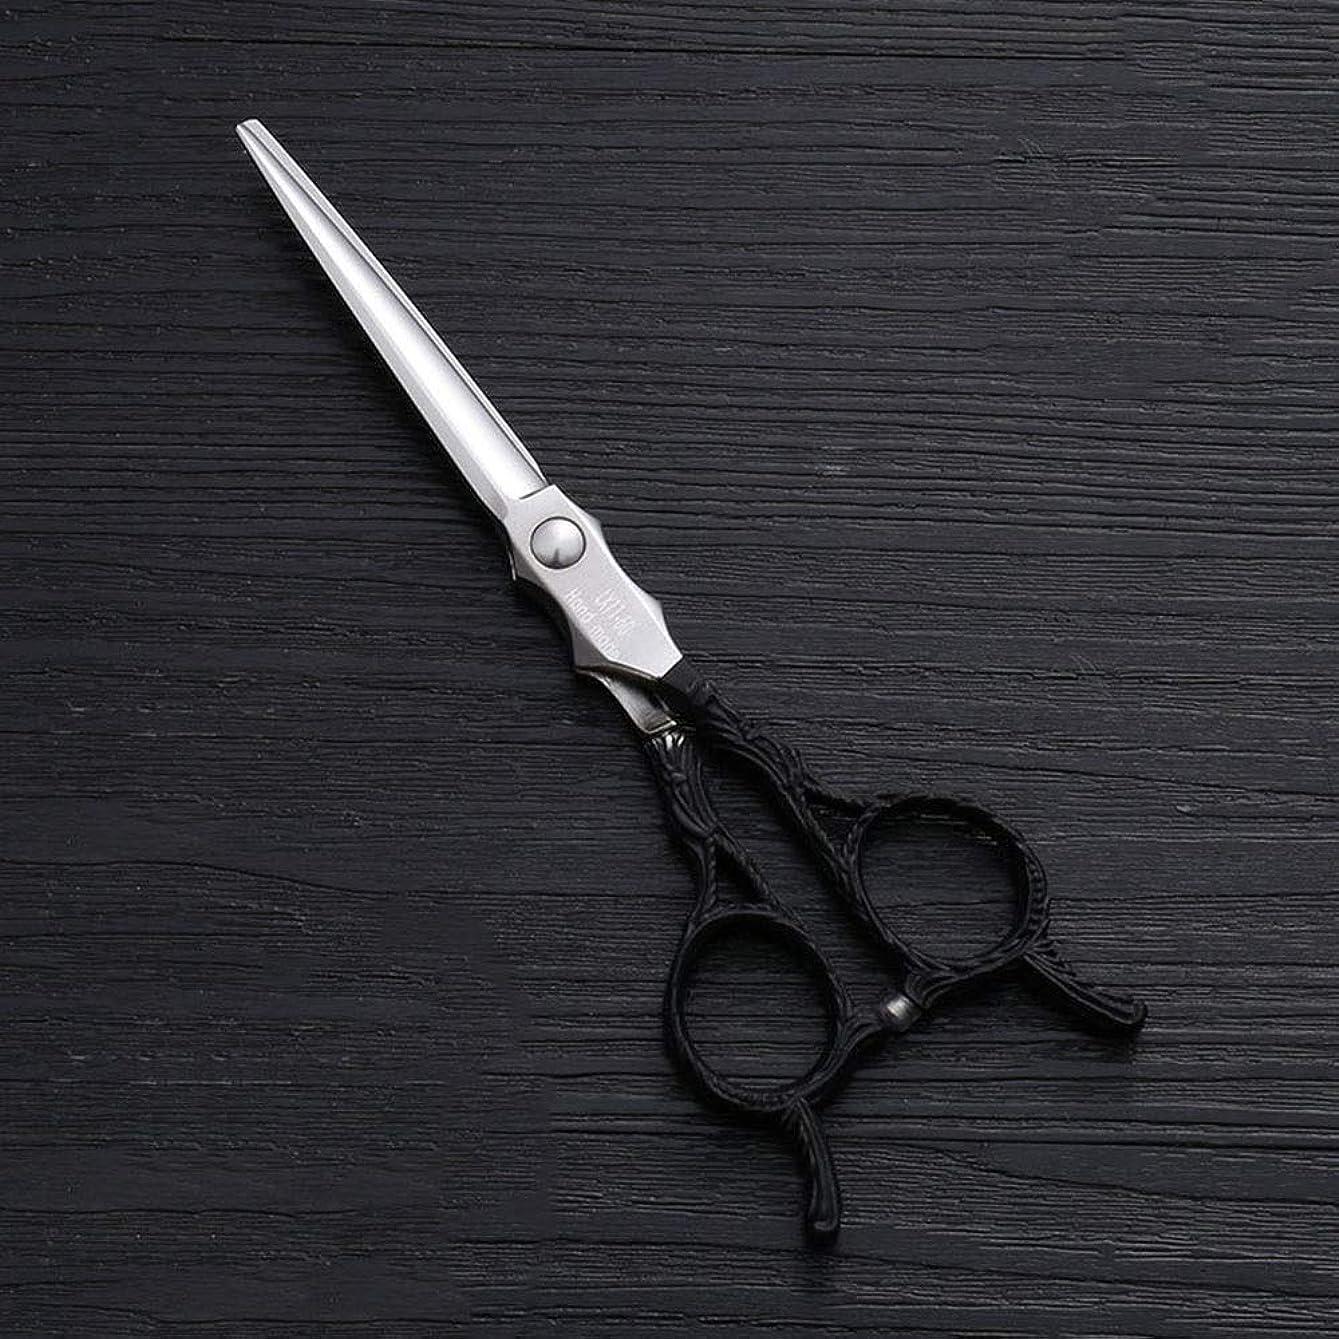 洗剤気を散らす十分です理髪用はさみ 6インチの理髪はさみの黒いハンドルの方法毛の切断用具、ステンレス鋼の理髪はさみの毛の切断はさみのステンレス製の理髪師のはさみ (色 : 黒)